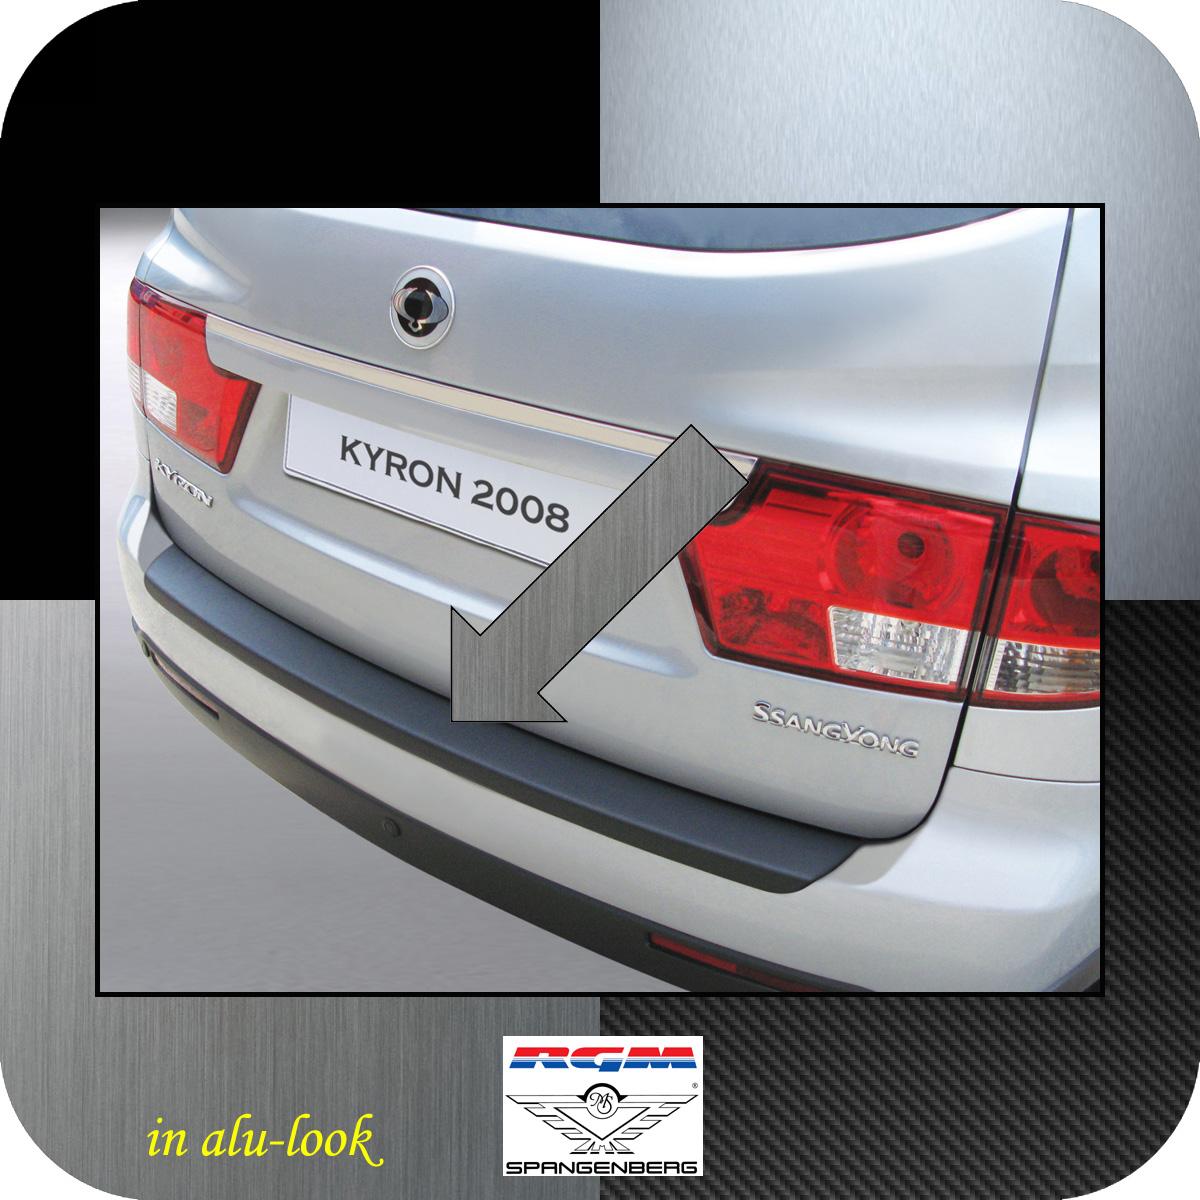 Ladekantenschutz Alu-Look SsangYong Kyron SUV Kombi facelift 2007- 3504154